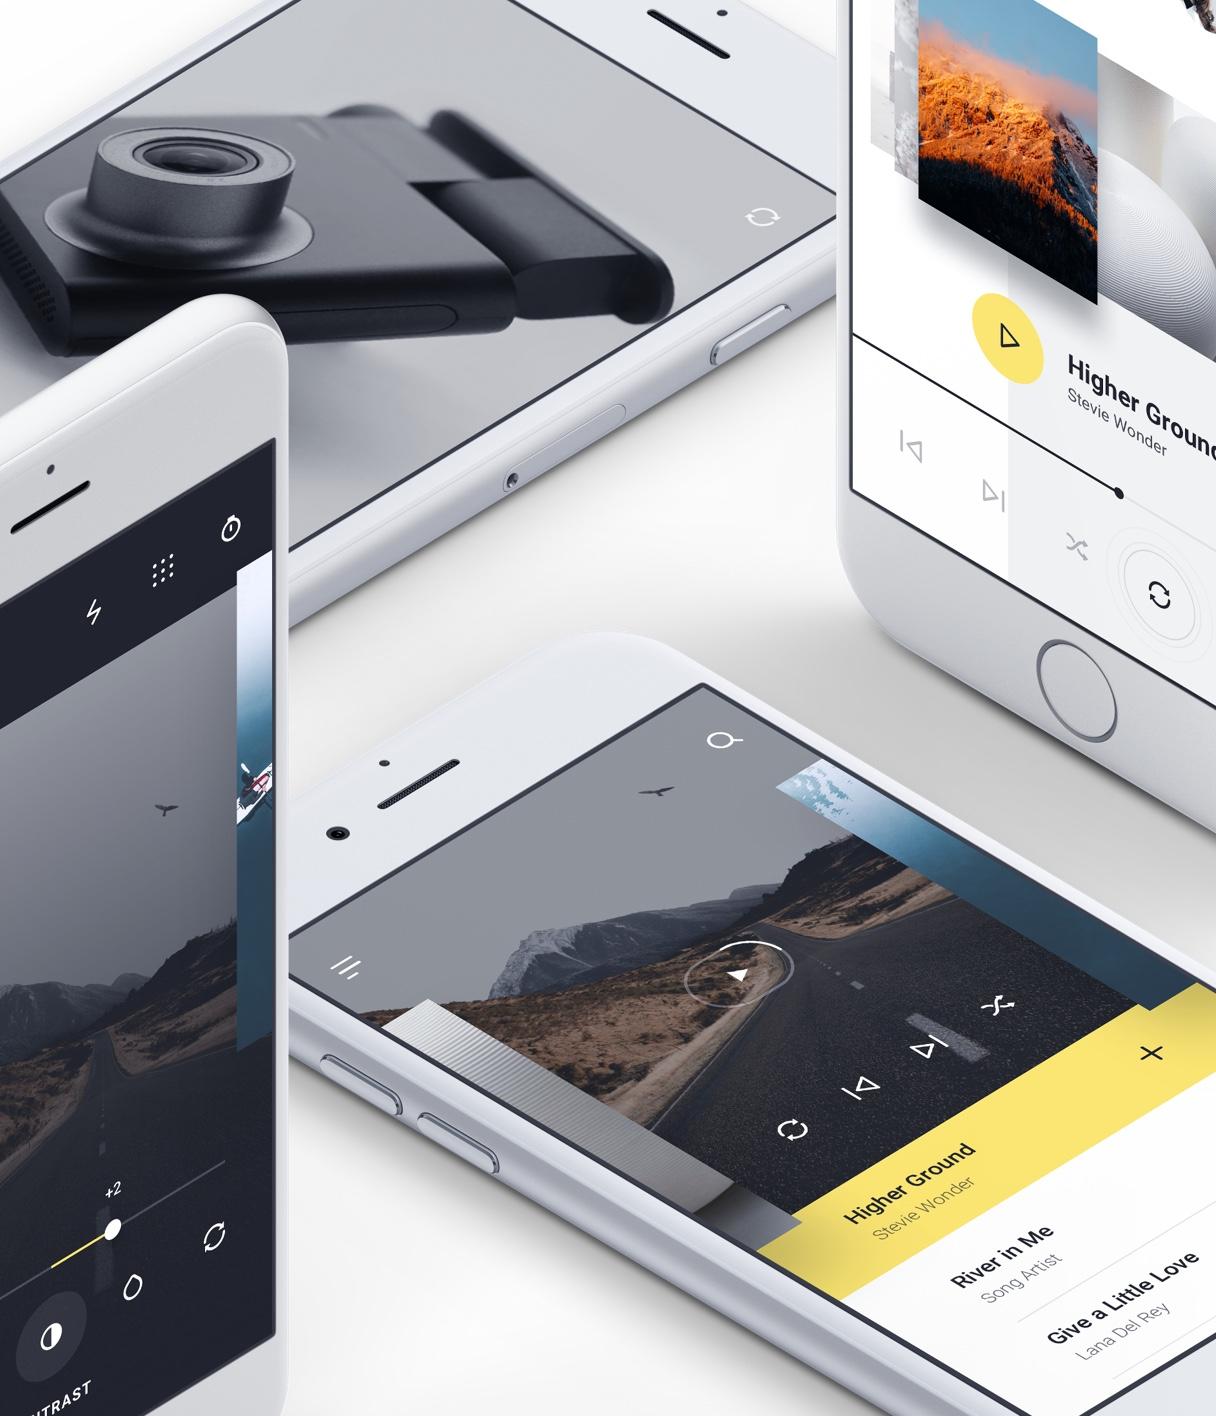 多用途iOS UI工具包模板 - Adobe XD模板 -  Sketch 设计素材免费下载